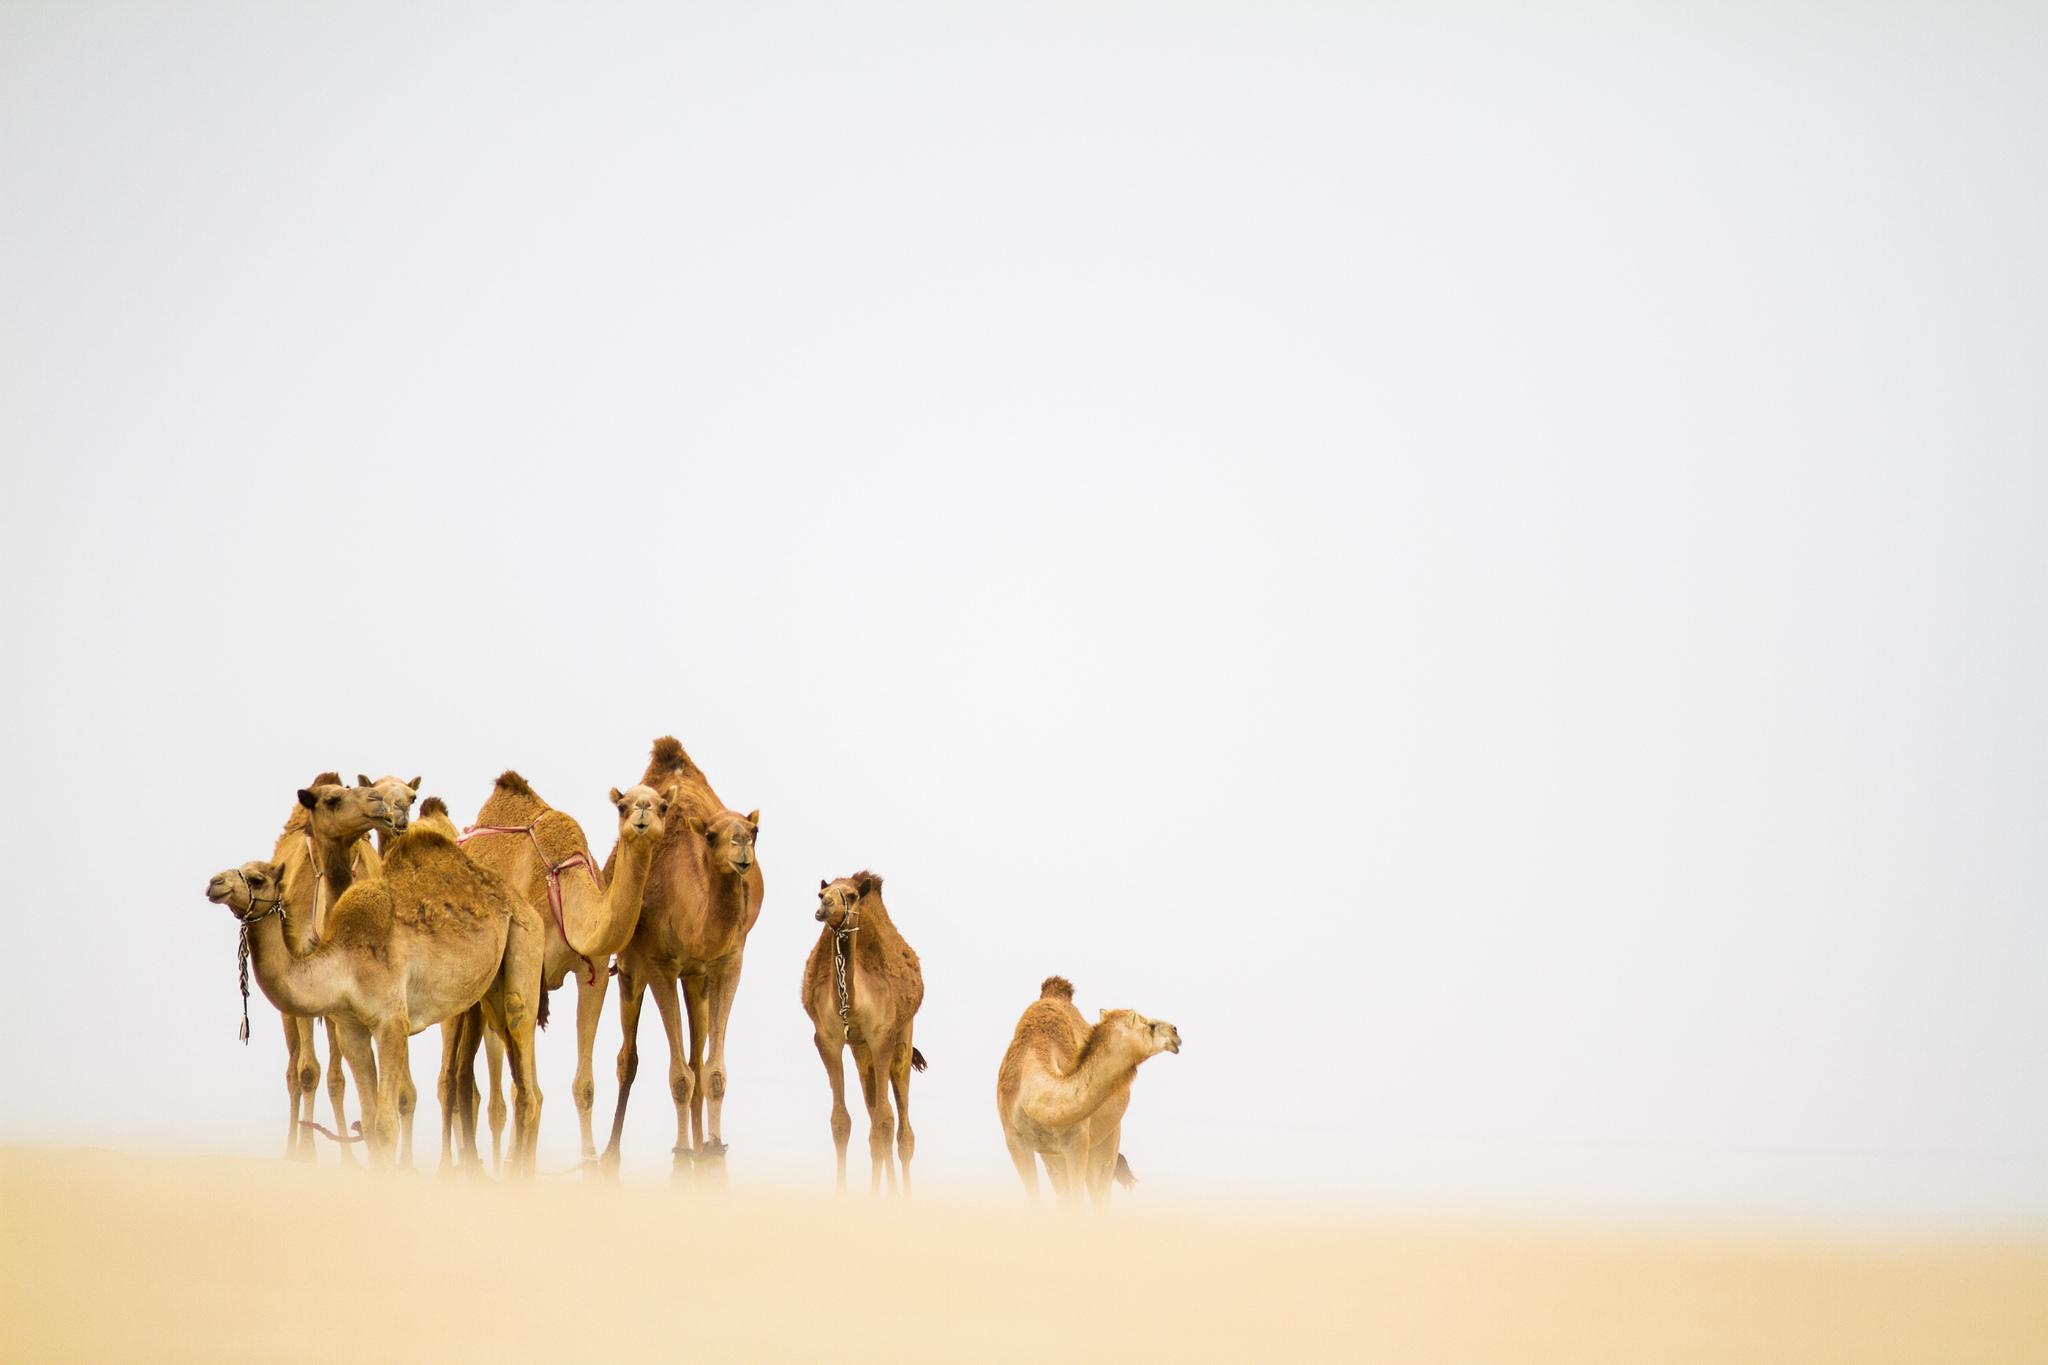 природа животные пустыня  № 3146269 загрузить